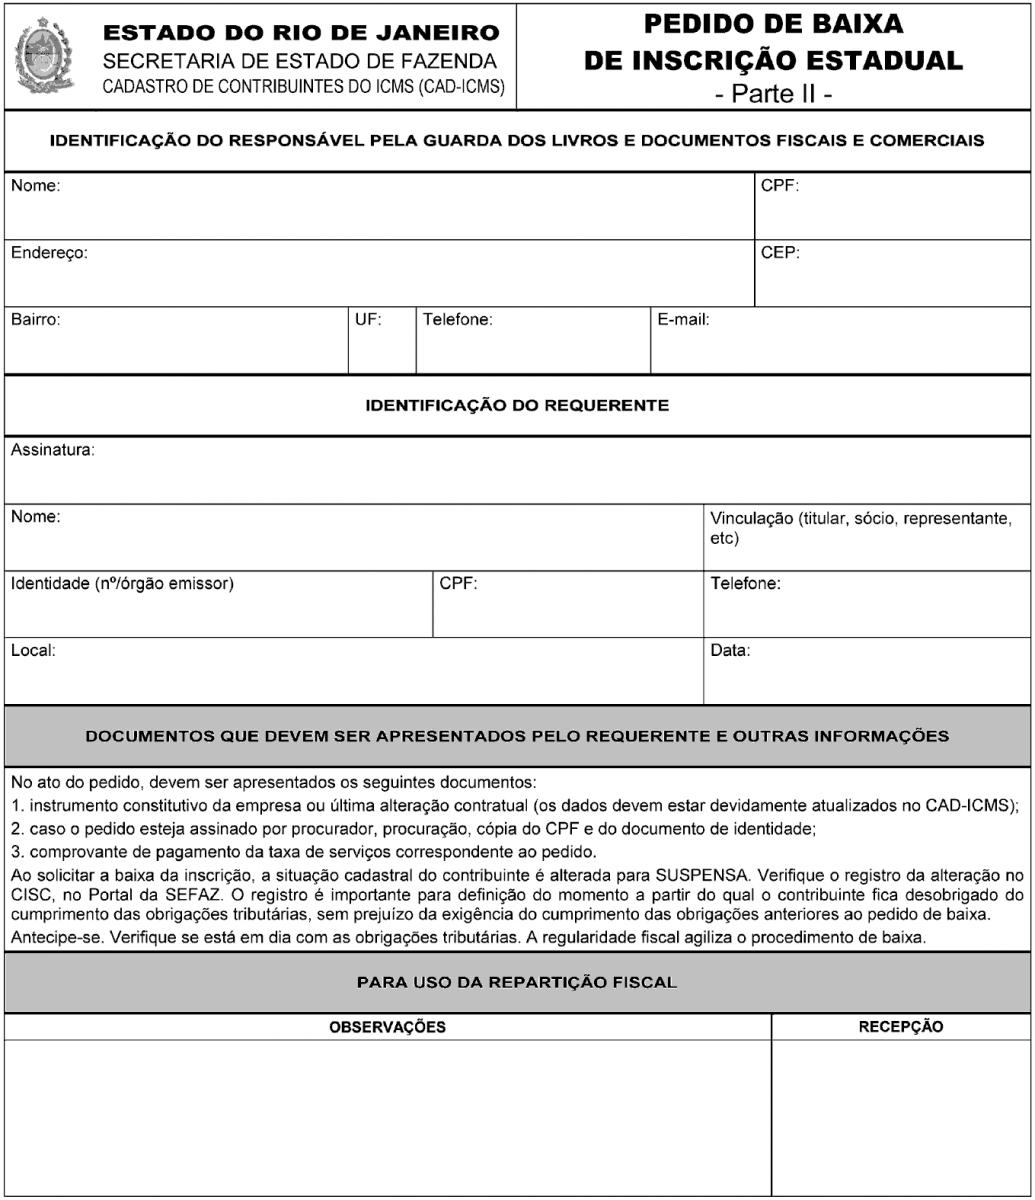 Resolu O Sefaz N 720 De 04 02 2014 Estadual Rio De Janeiro